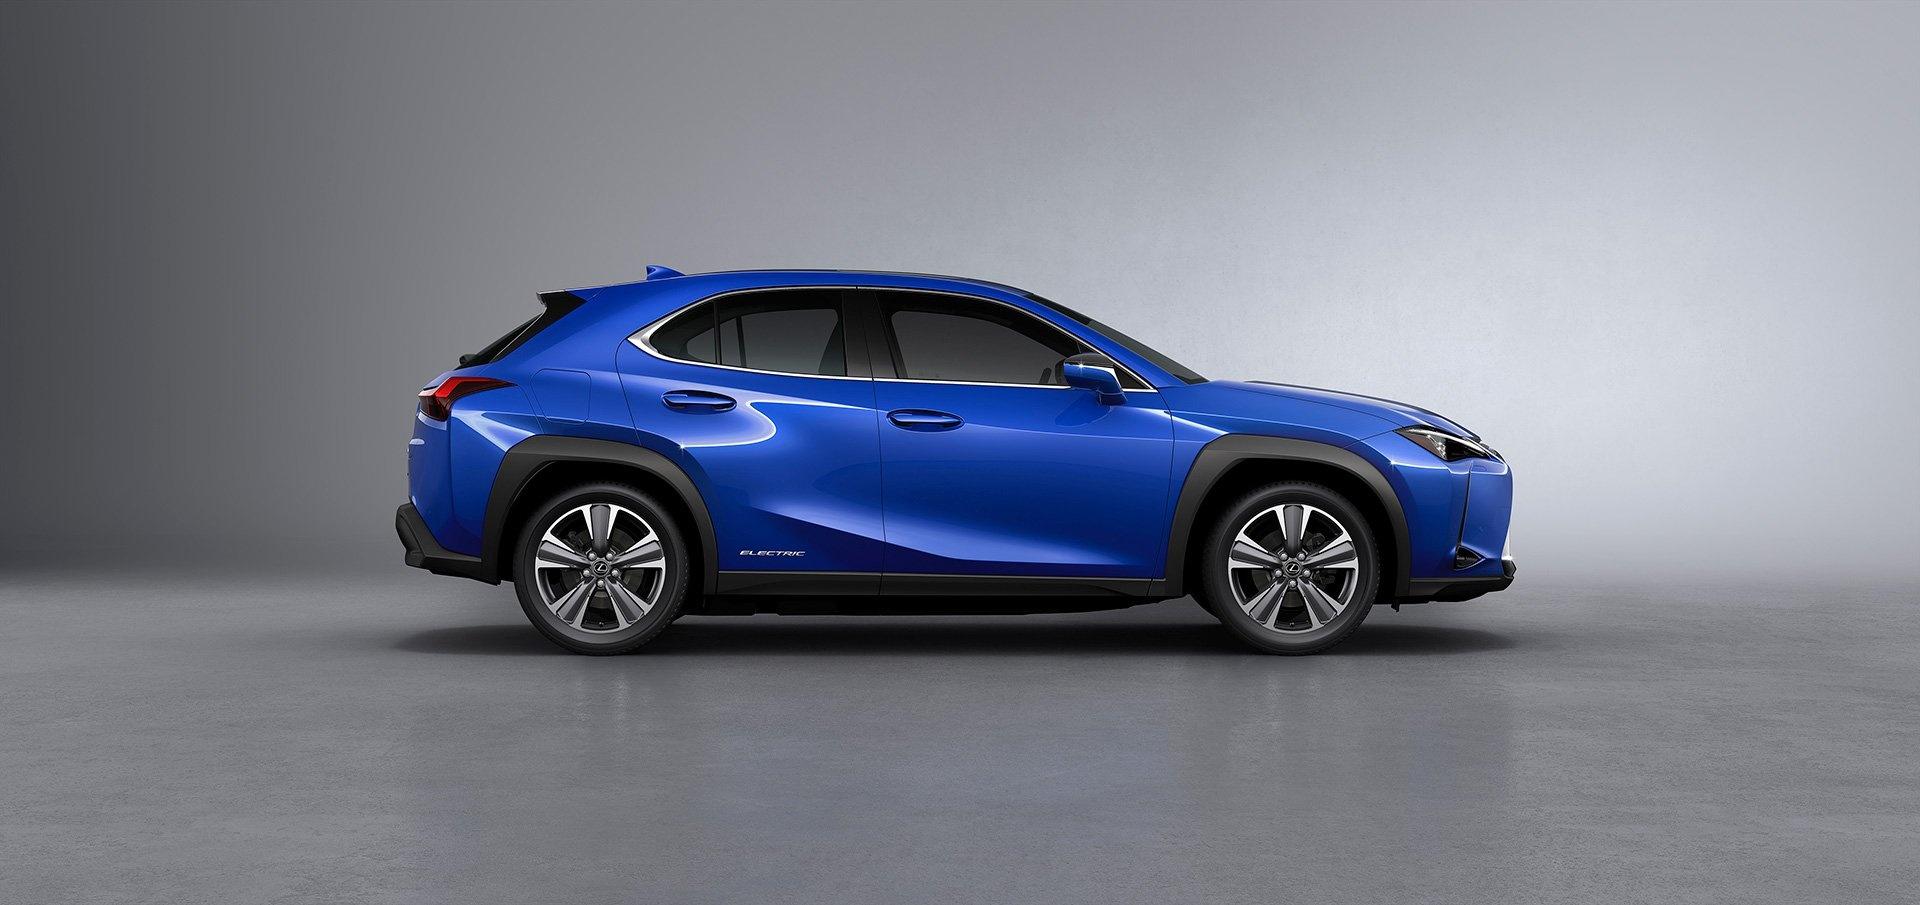 UX 300e - xe dien dau tien cua Lexus ra mat the gioi hinh anh 5